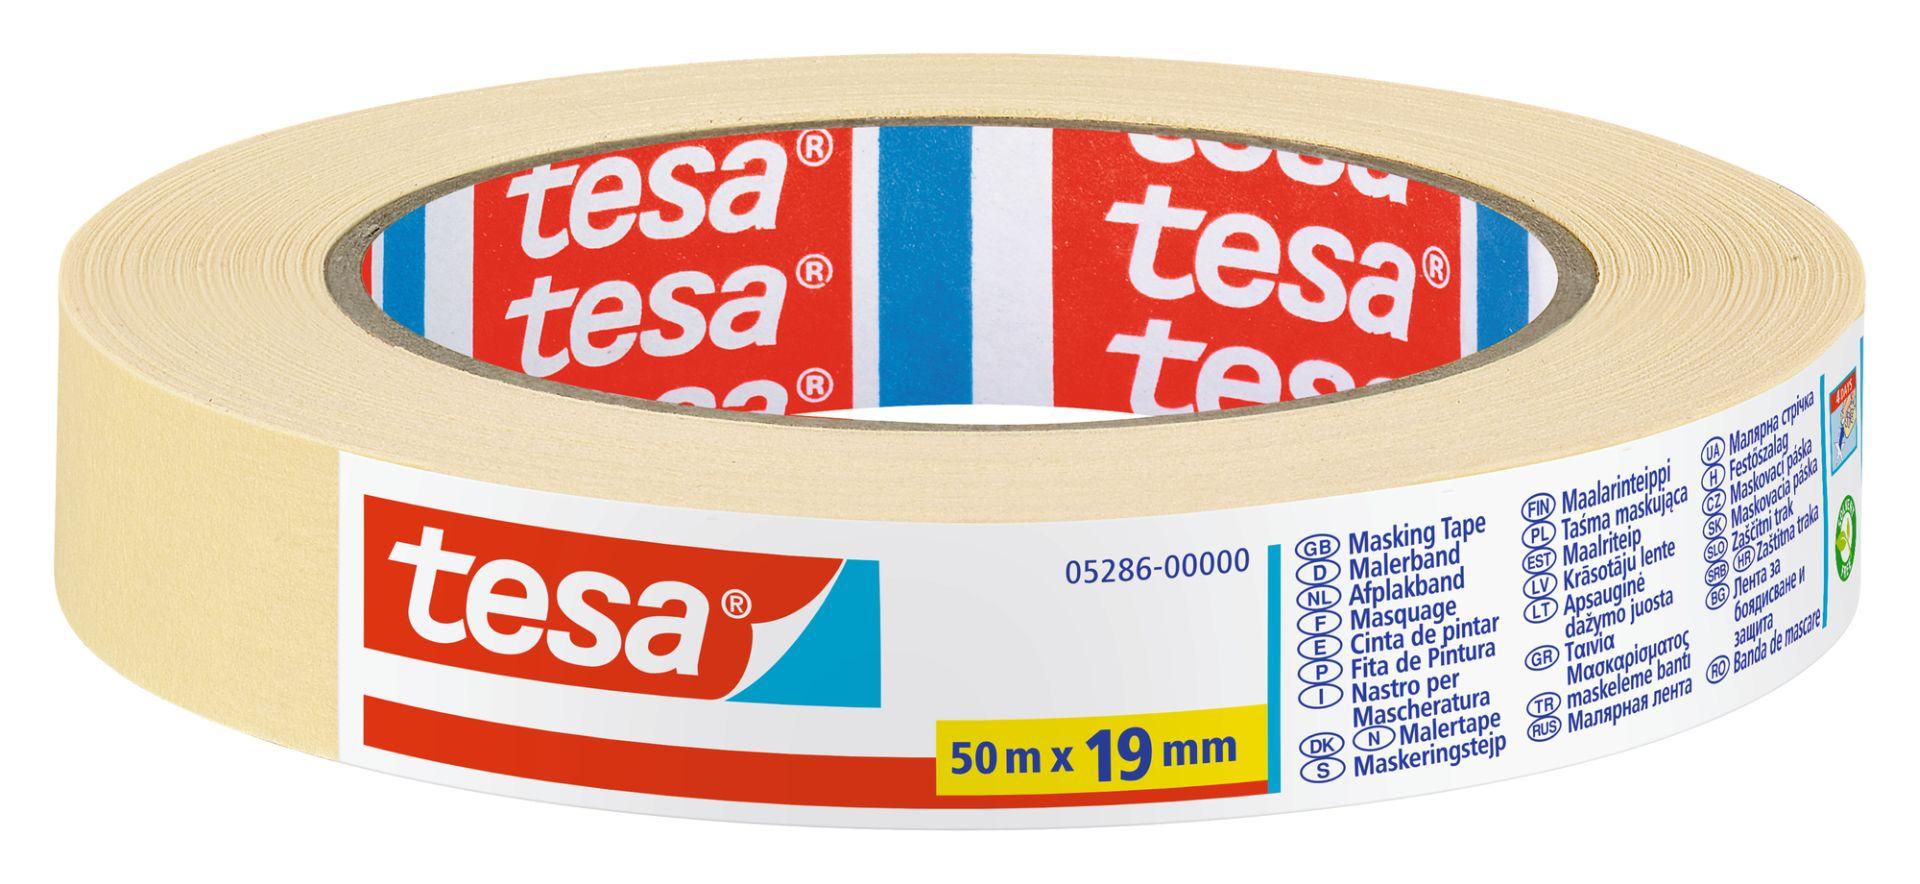 tesa UNIVERSAL, Malerband, Fixier- und Abdeckband, Kreppband, Papierabdeckband, 50 m x 19 mm